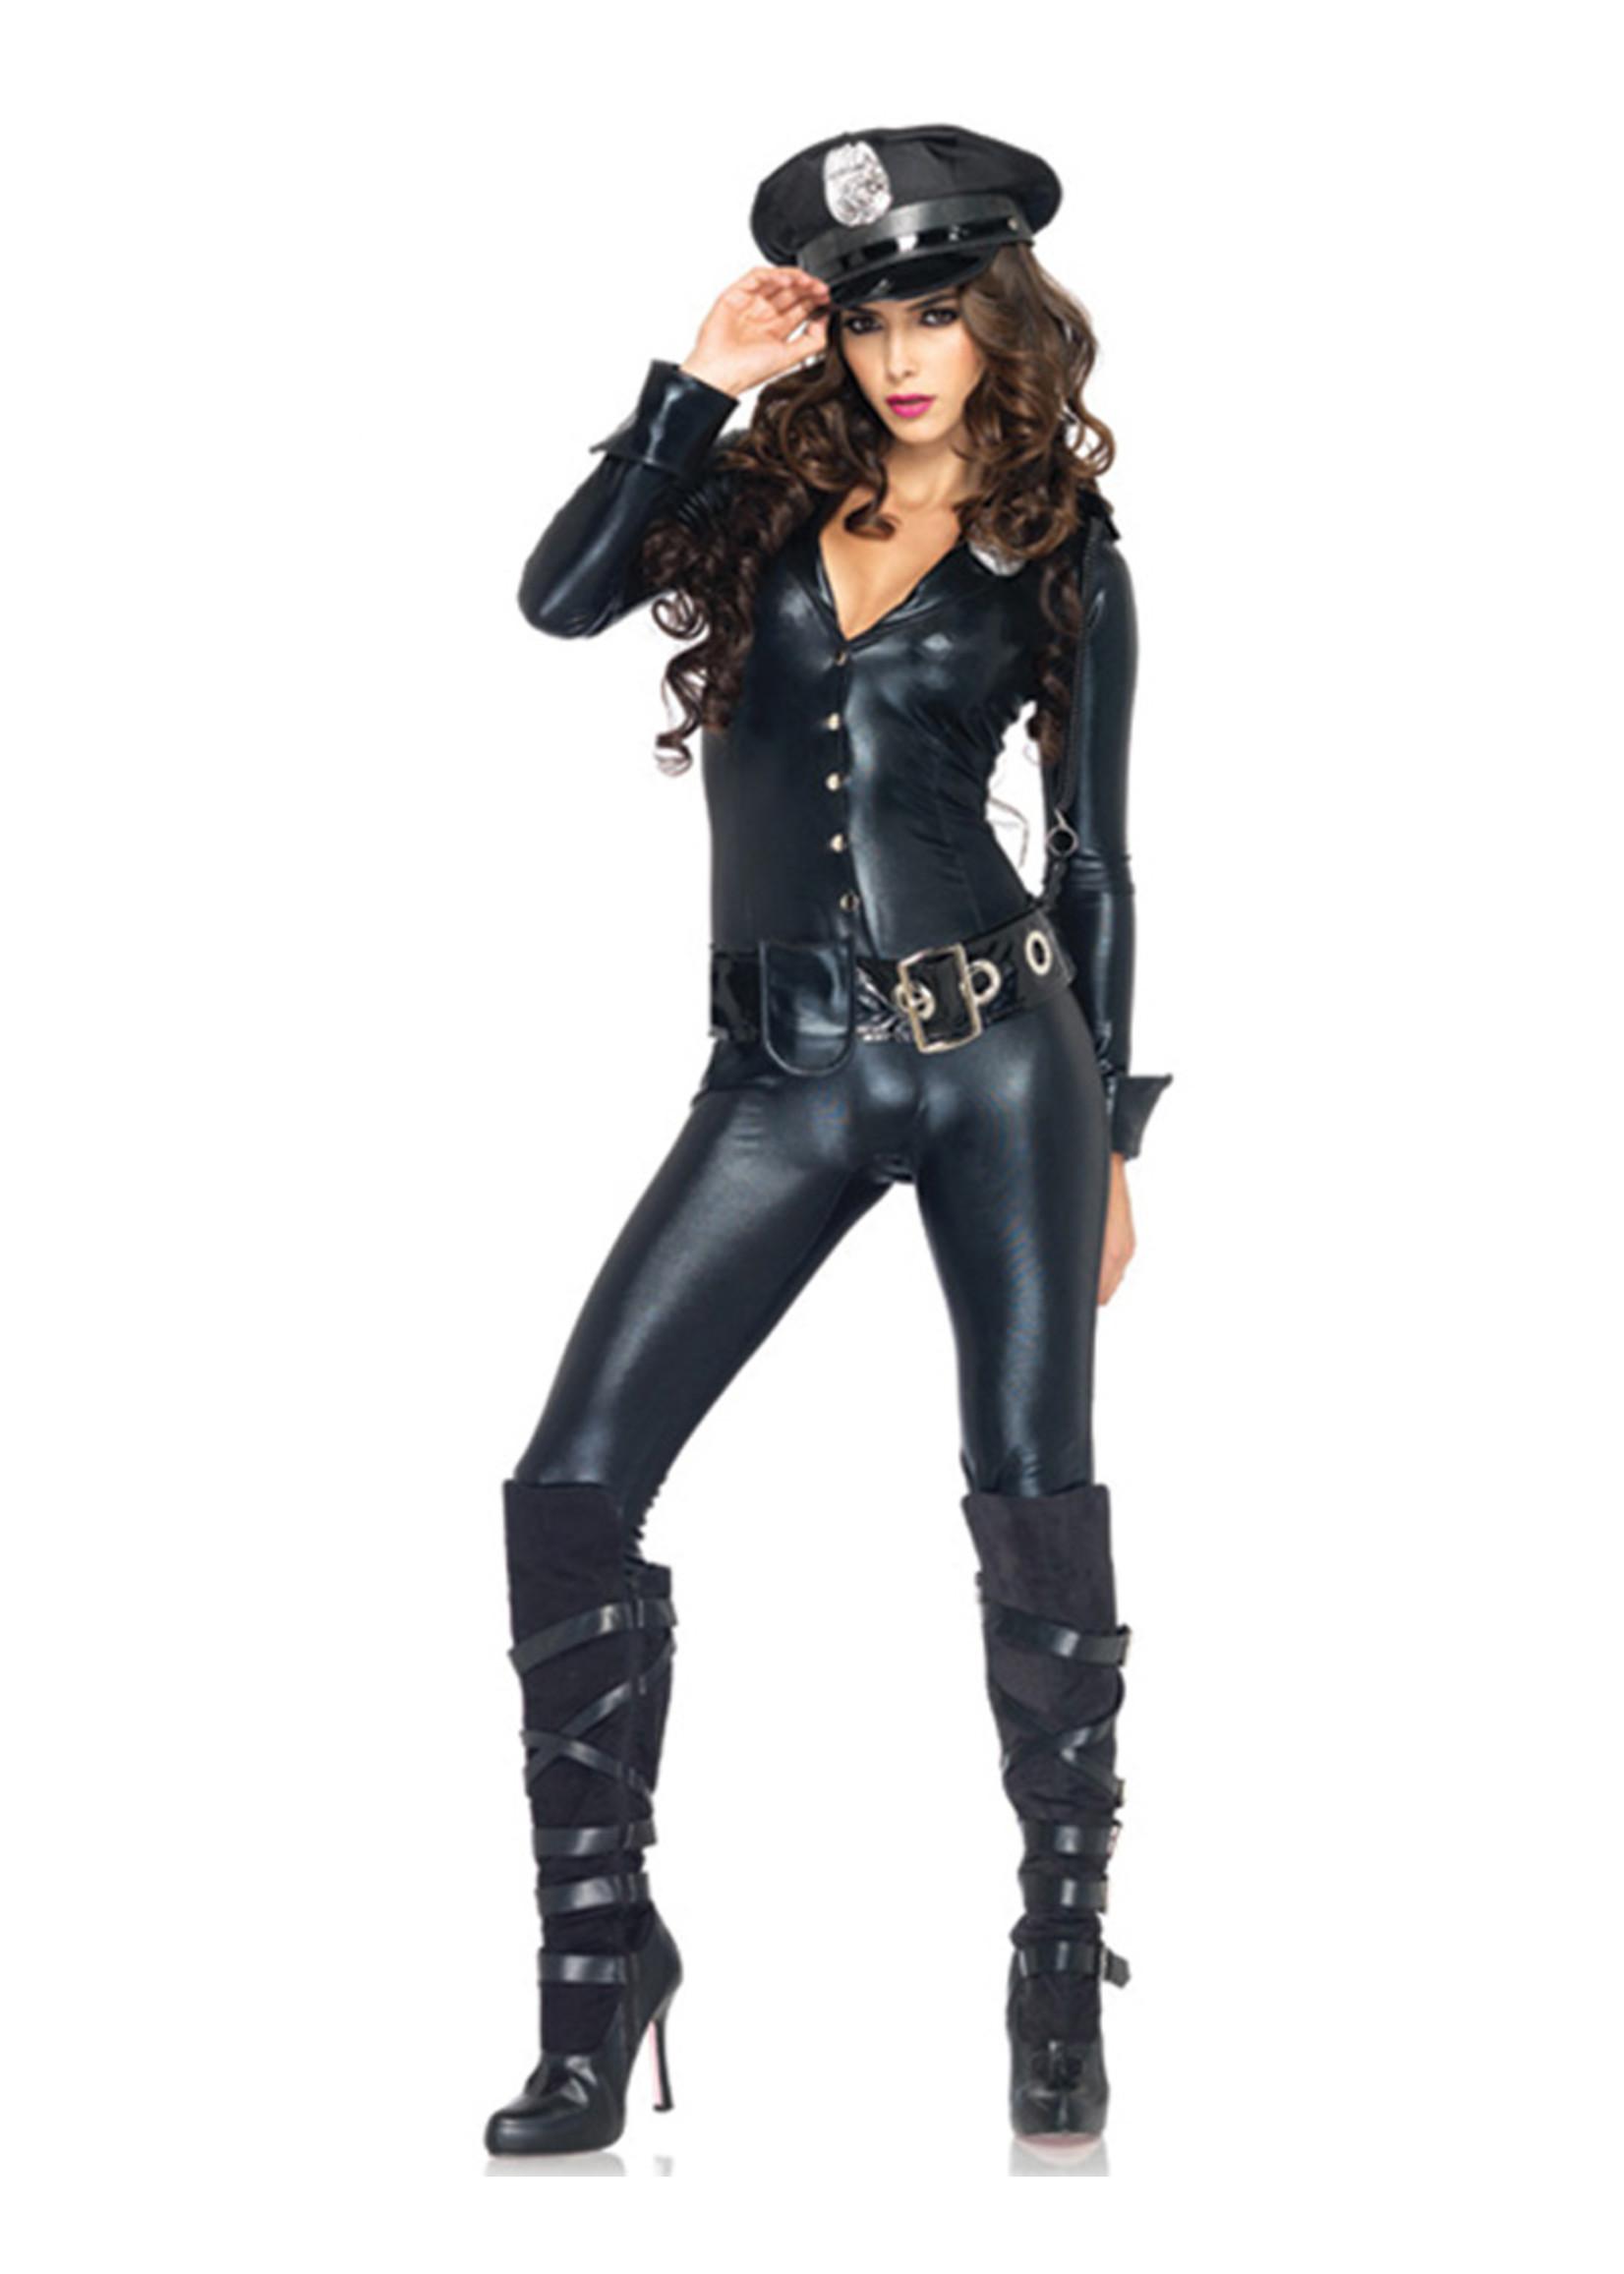 Officer Payne Costume - Women's